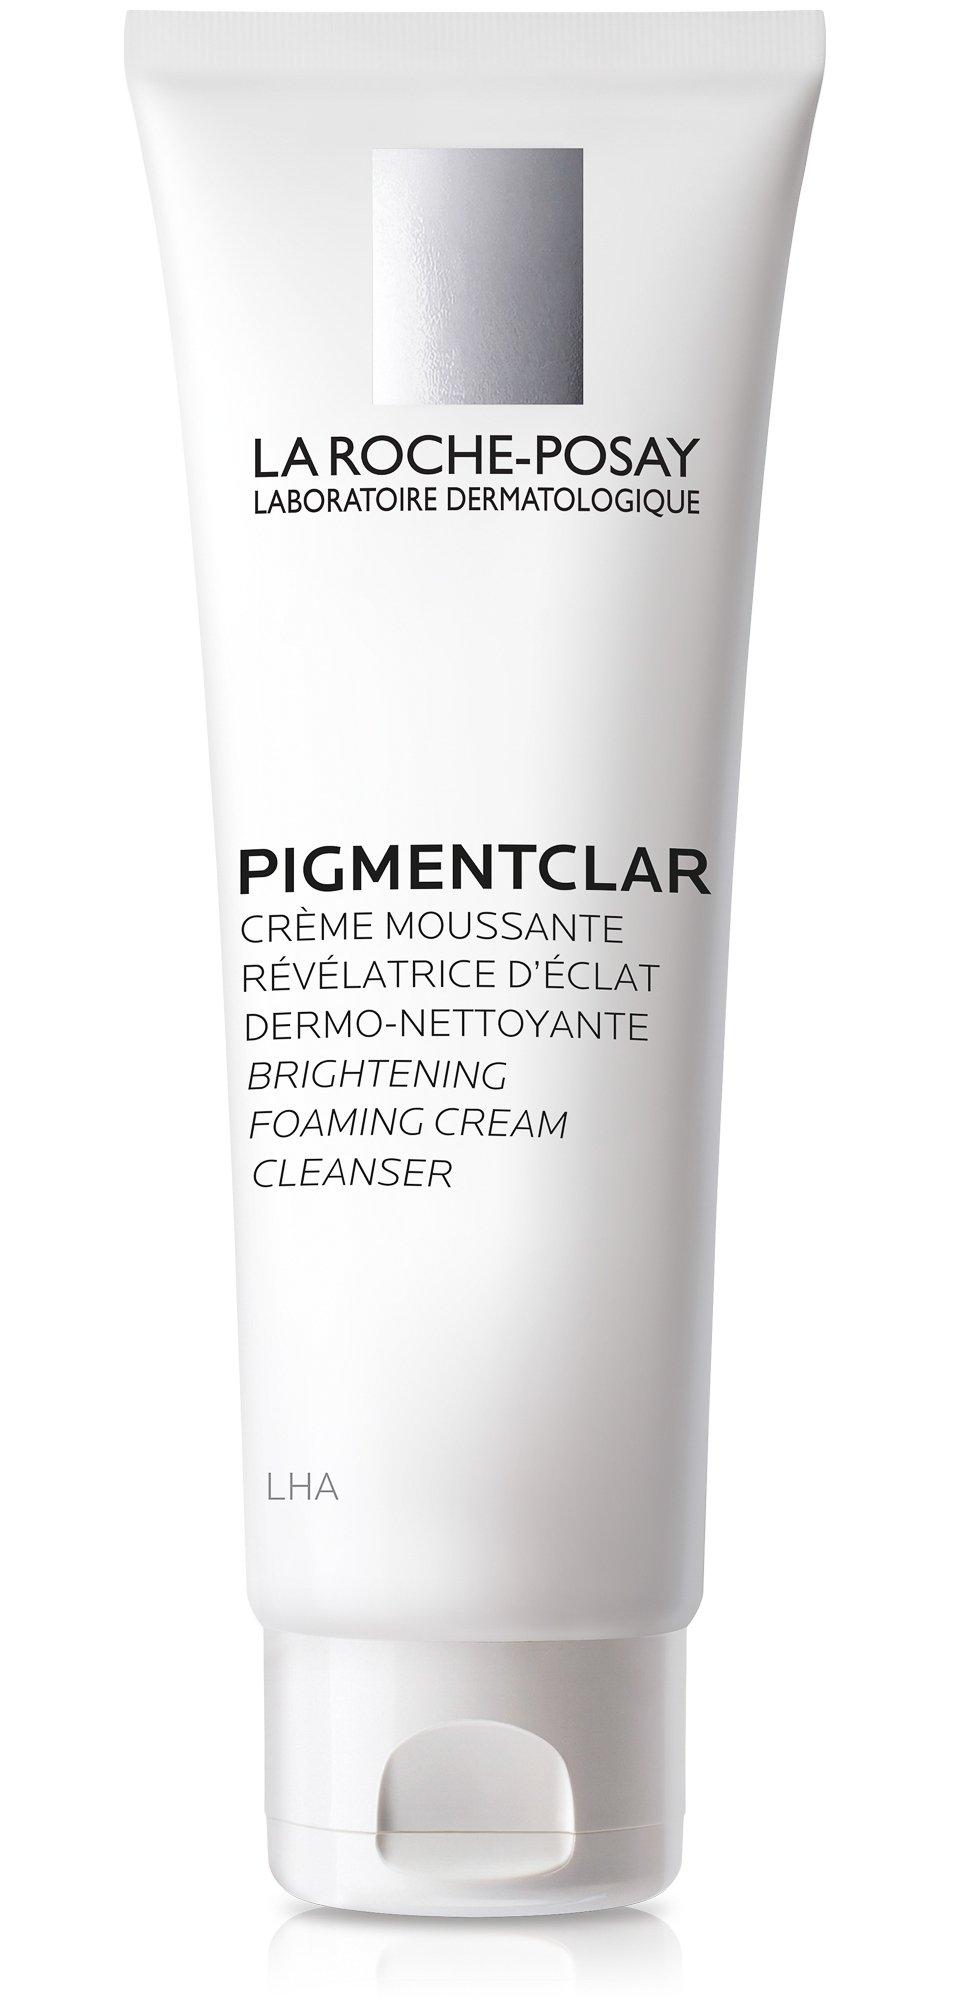 La Roche-Posay Pigmentclar Brightening Foaming Cream Cleanser, 4.2 Fl. Oz.